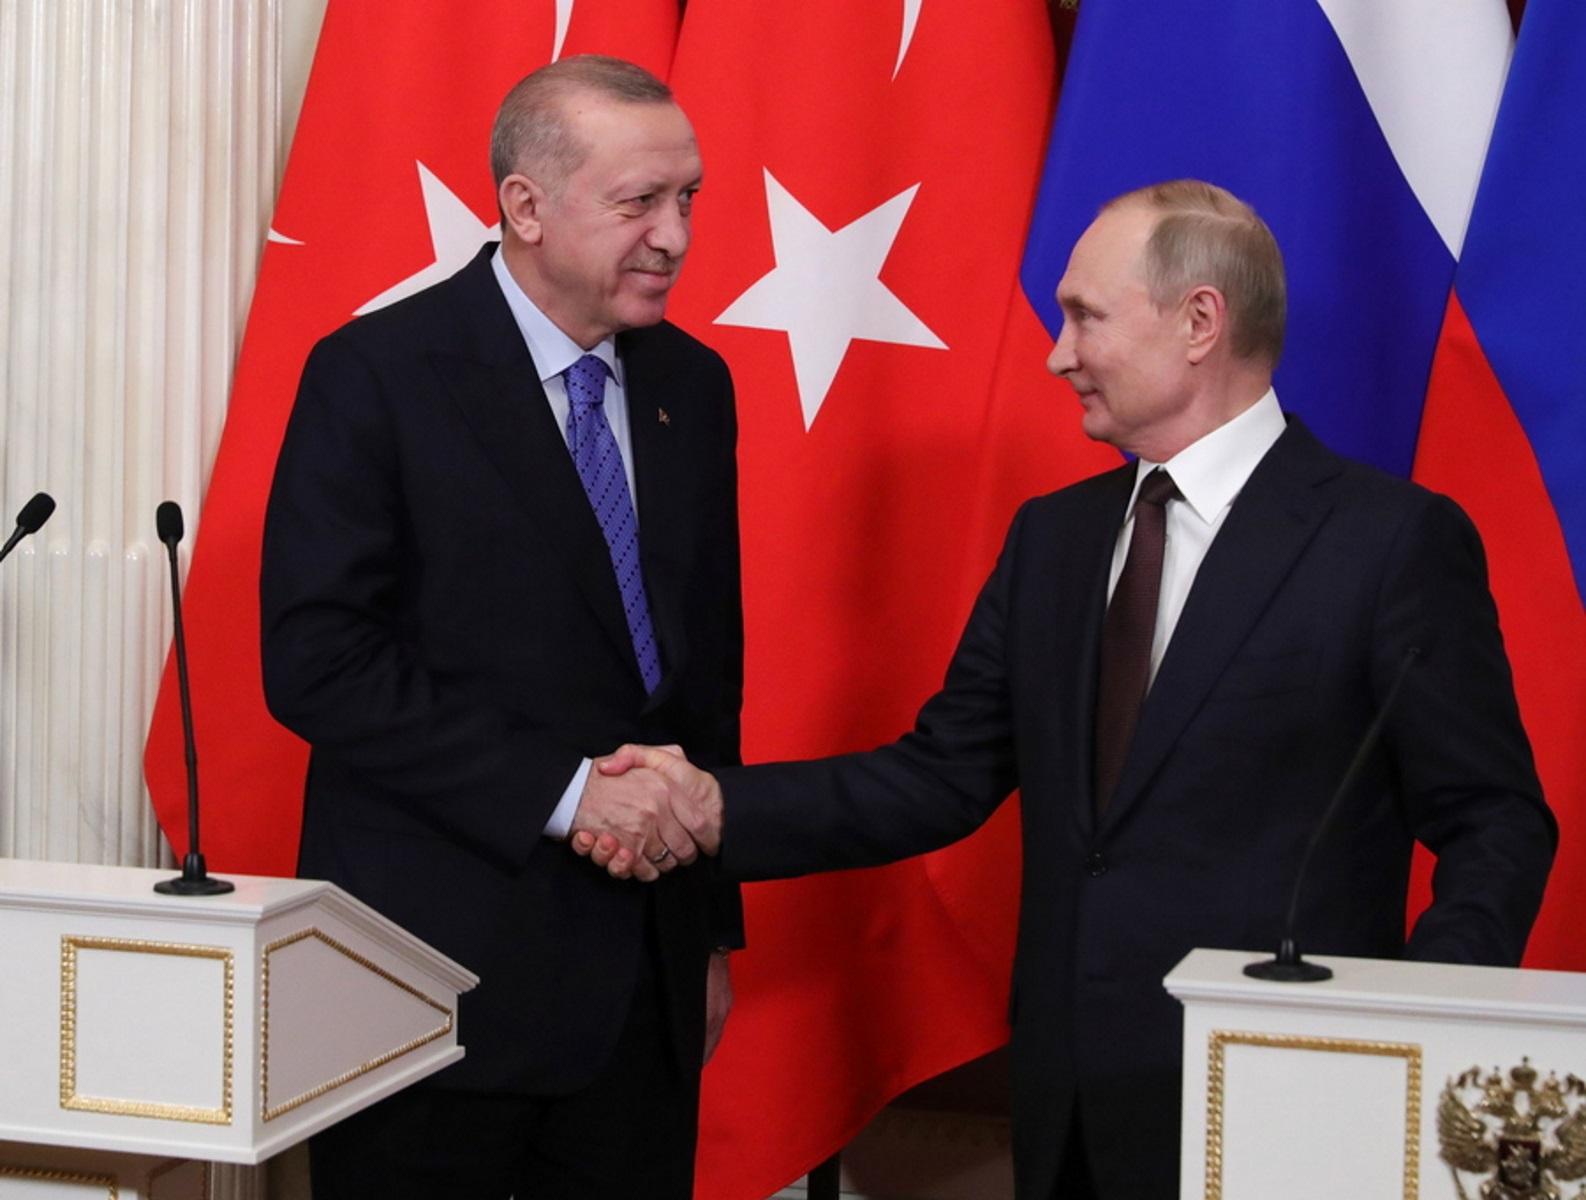 Βλαντίμιρ Πούτιν – Ρετζέπ Ταγίπ Ερντογάν: Συνάντηση στο Σότσι με «φόντο» τους S-400